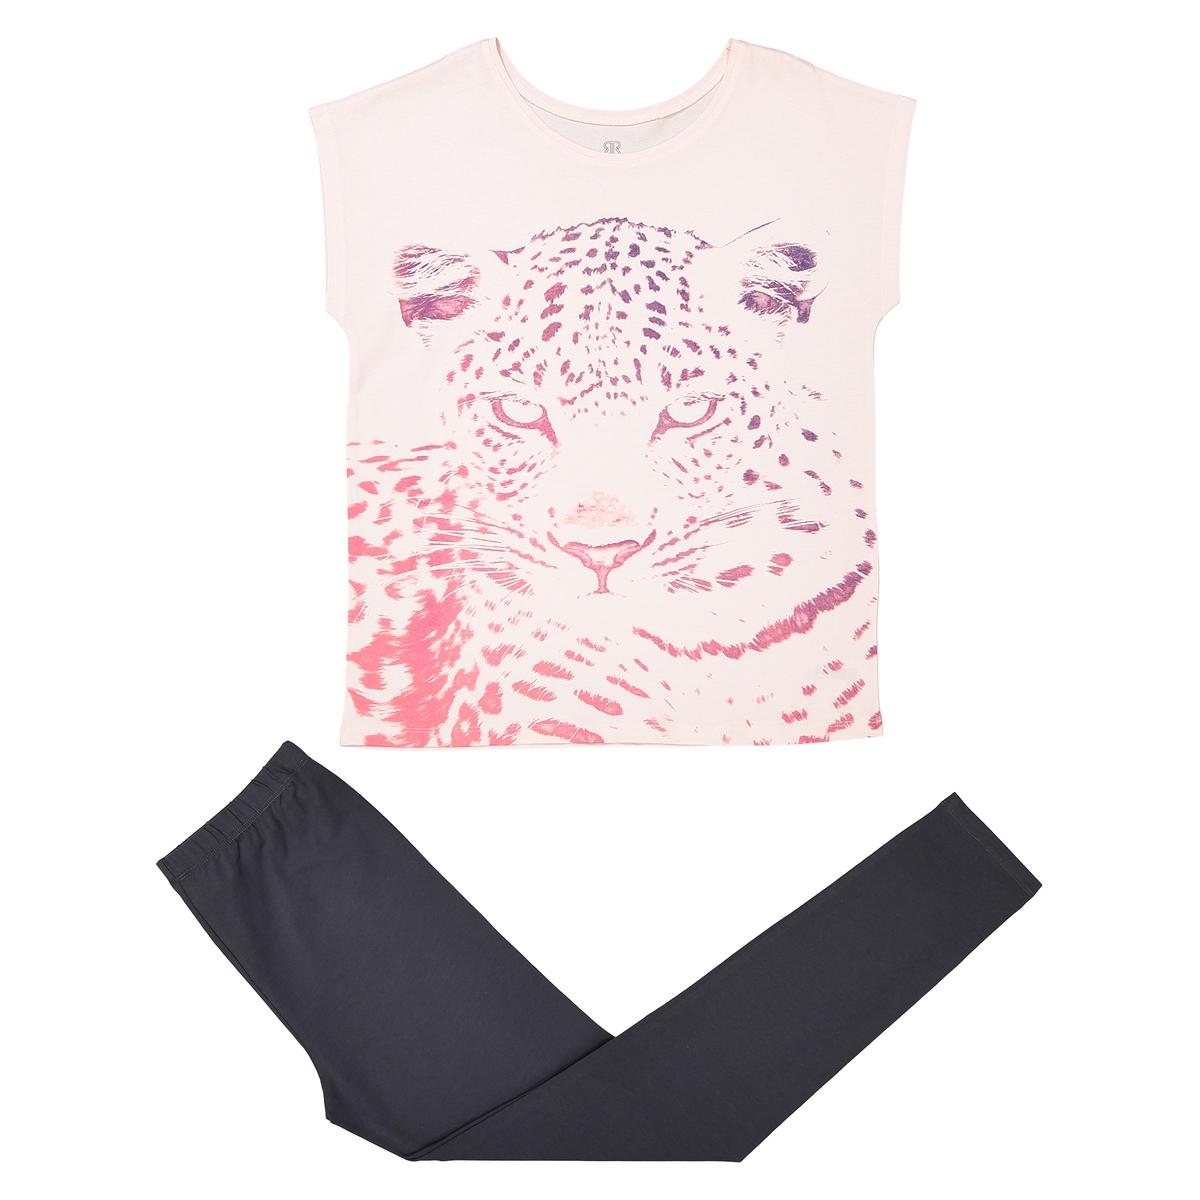 Пижама с рисунком и короткими рукавами, 10-16 лет пижама с шортами с рисунком